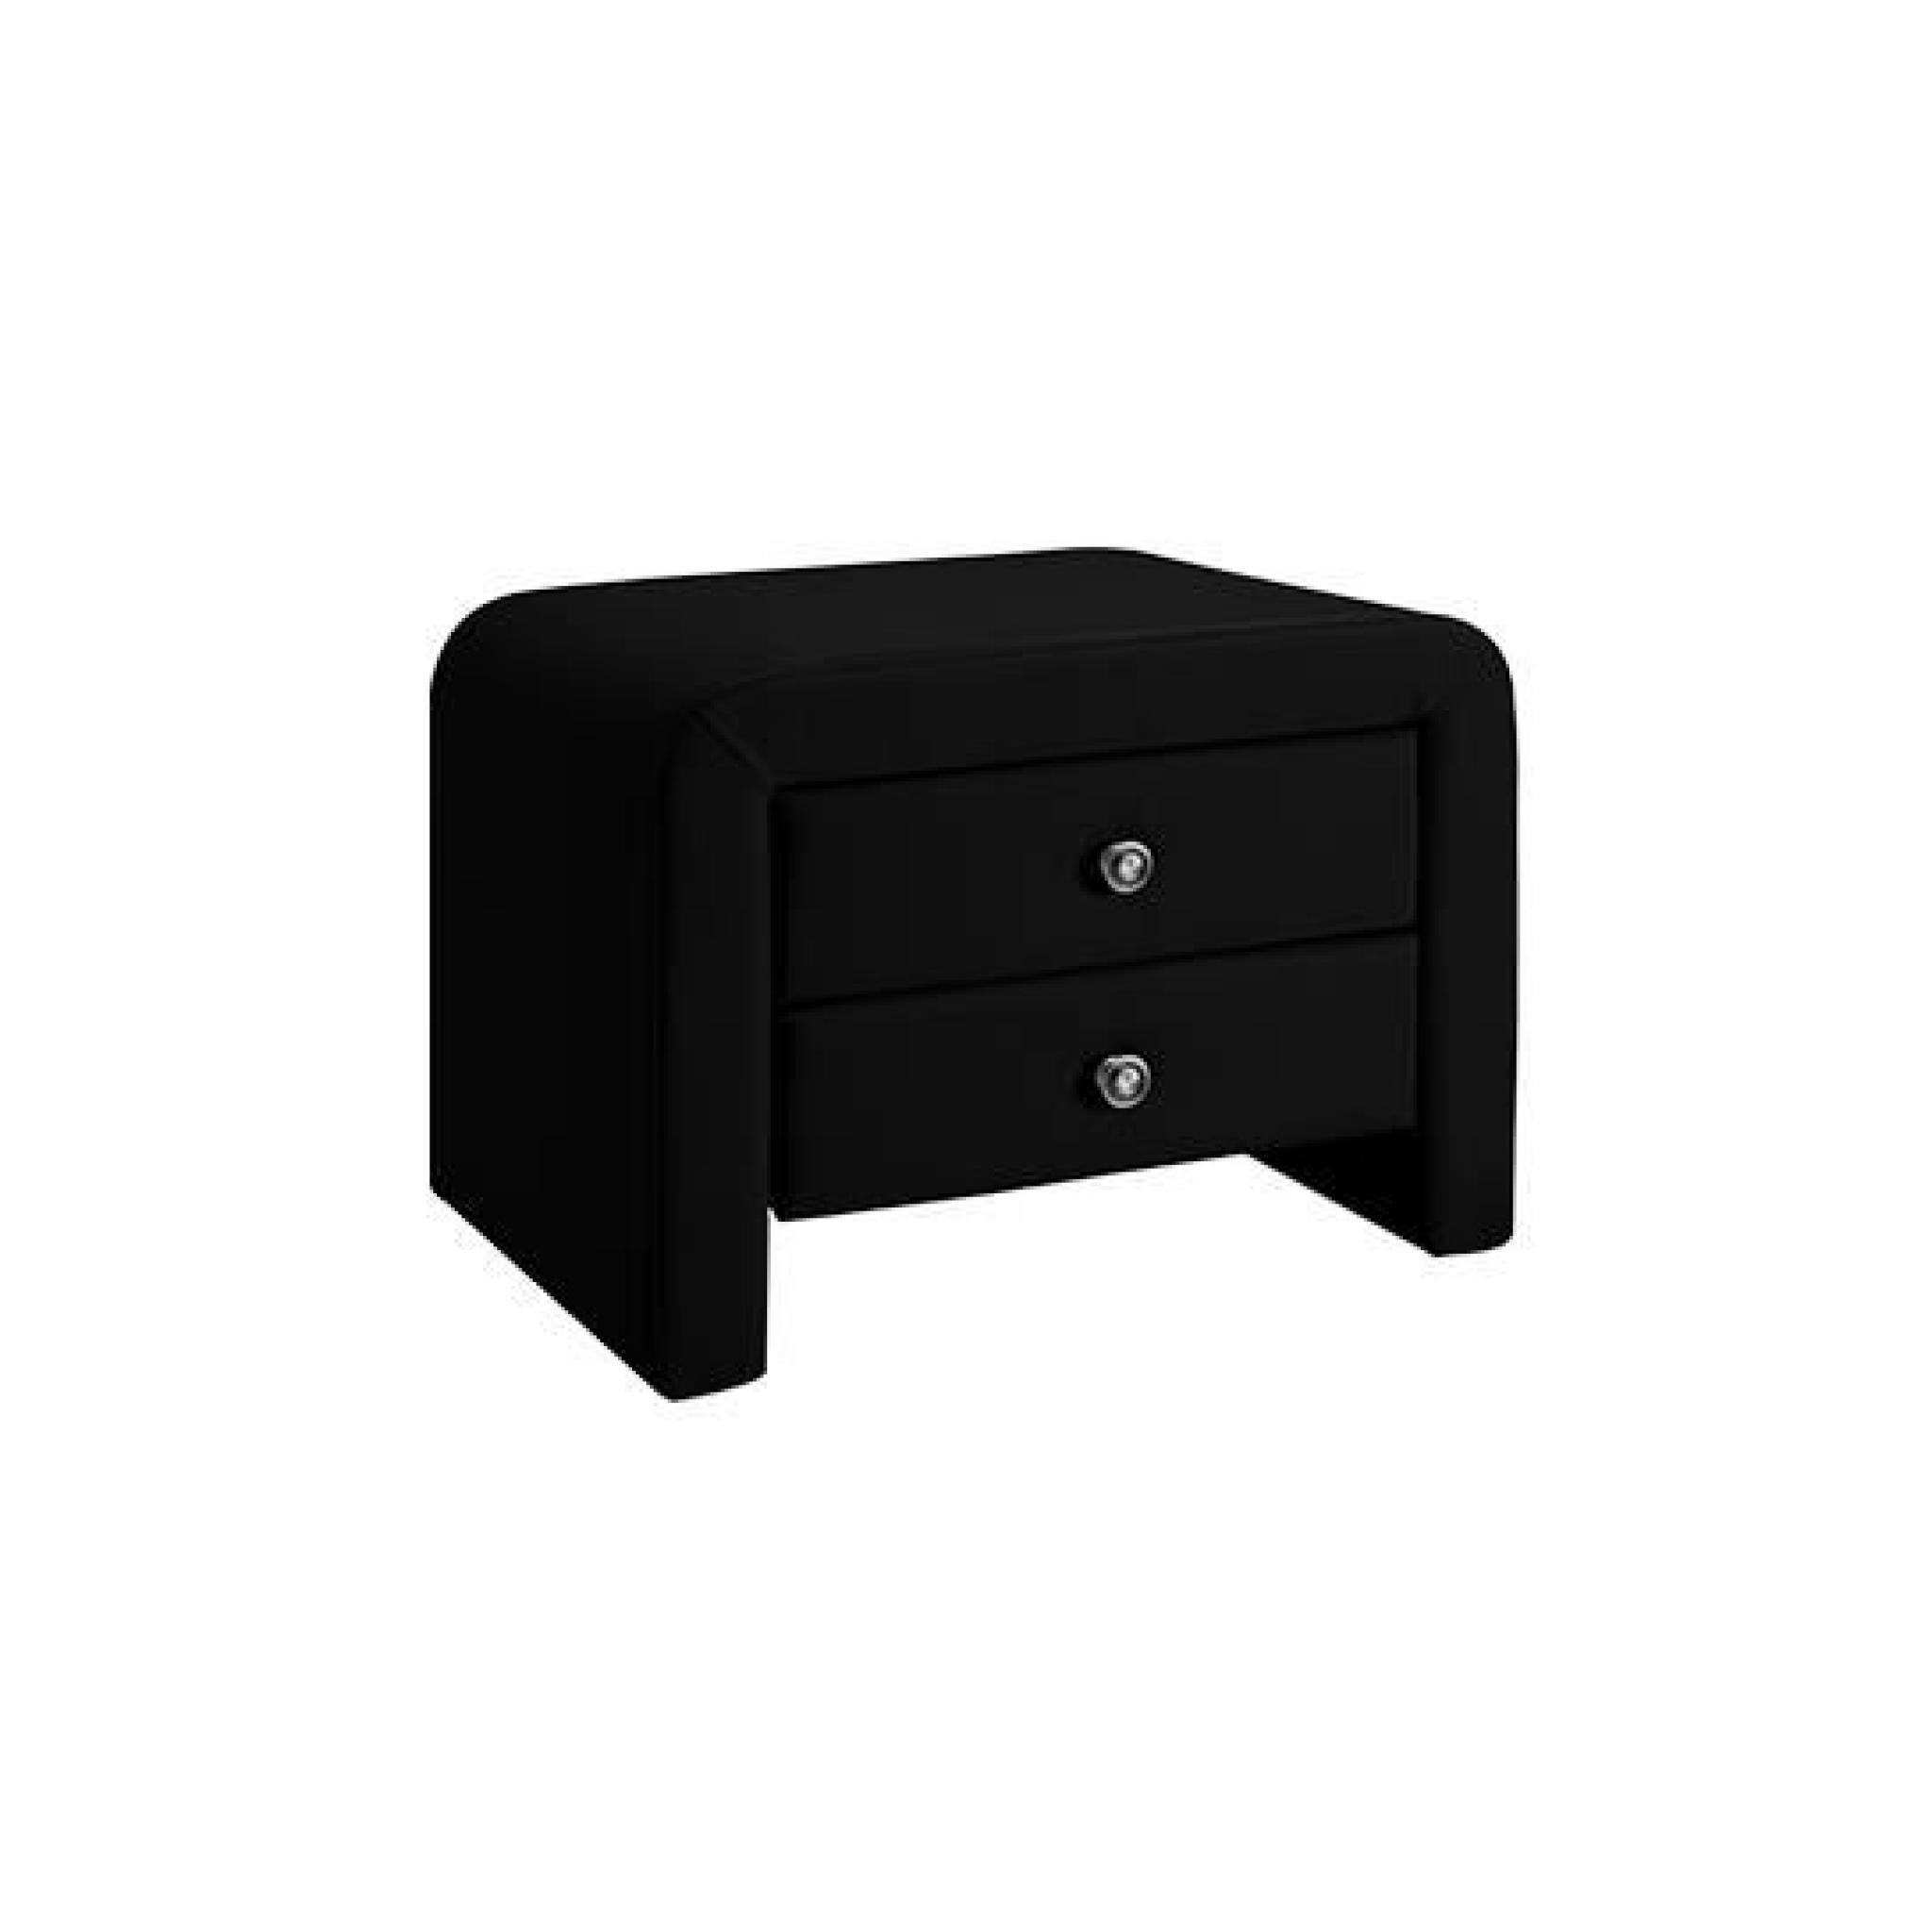 Table chevet design en PU Noir Eva - Simplicité et élégance